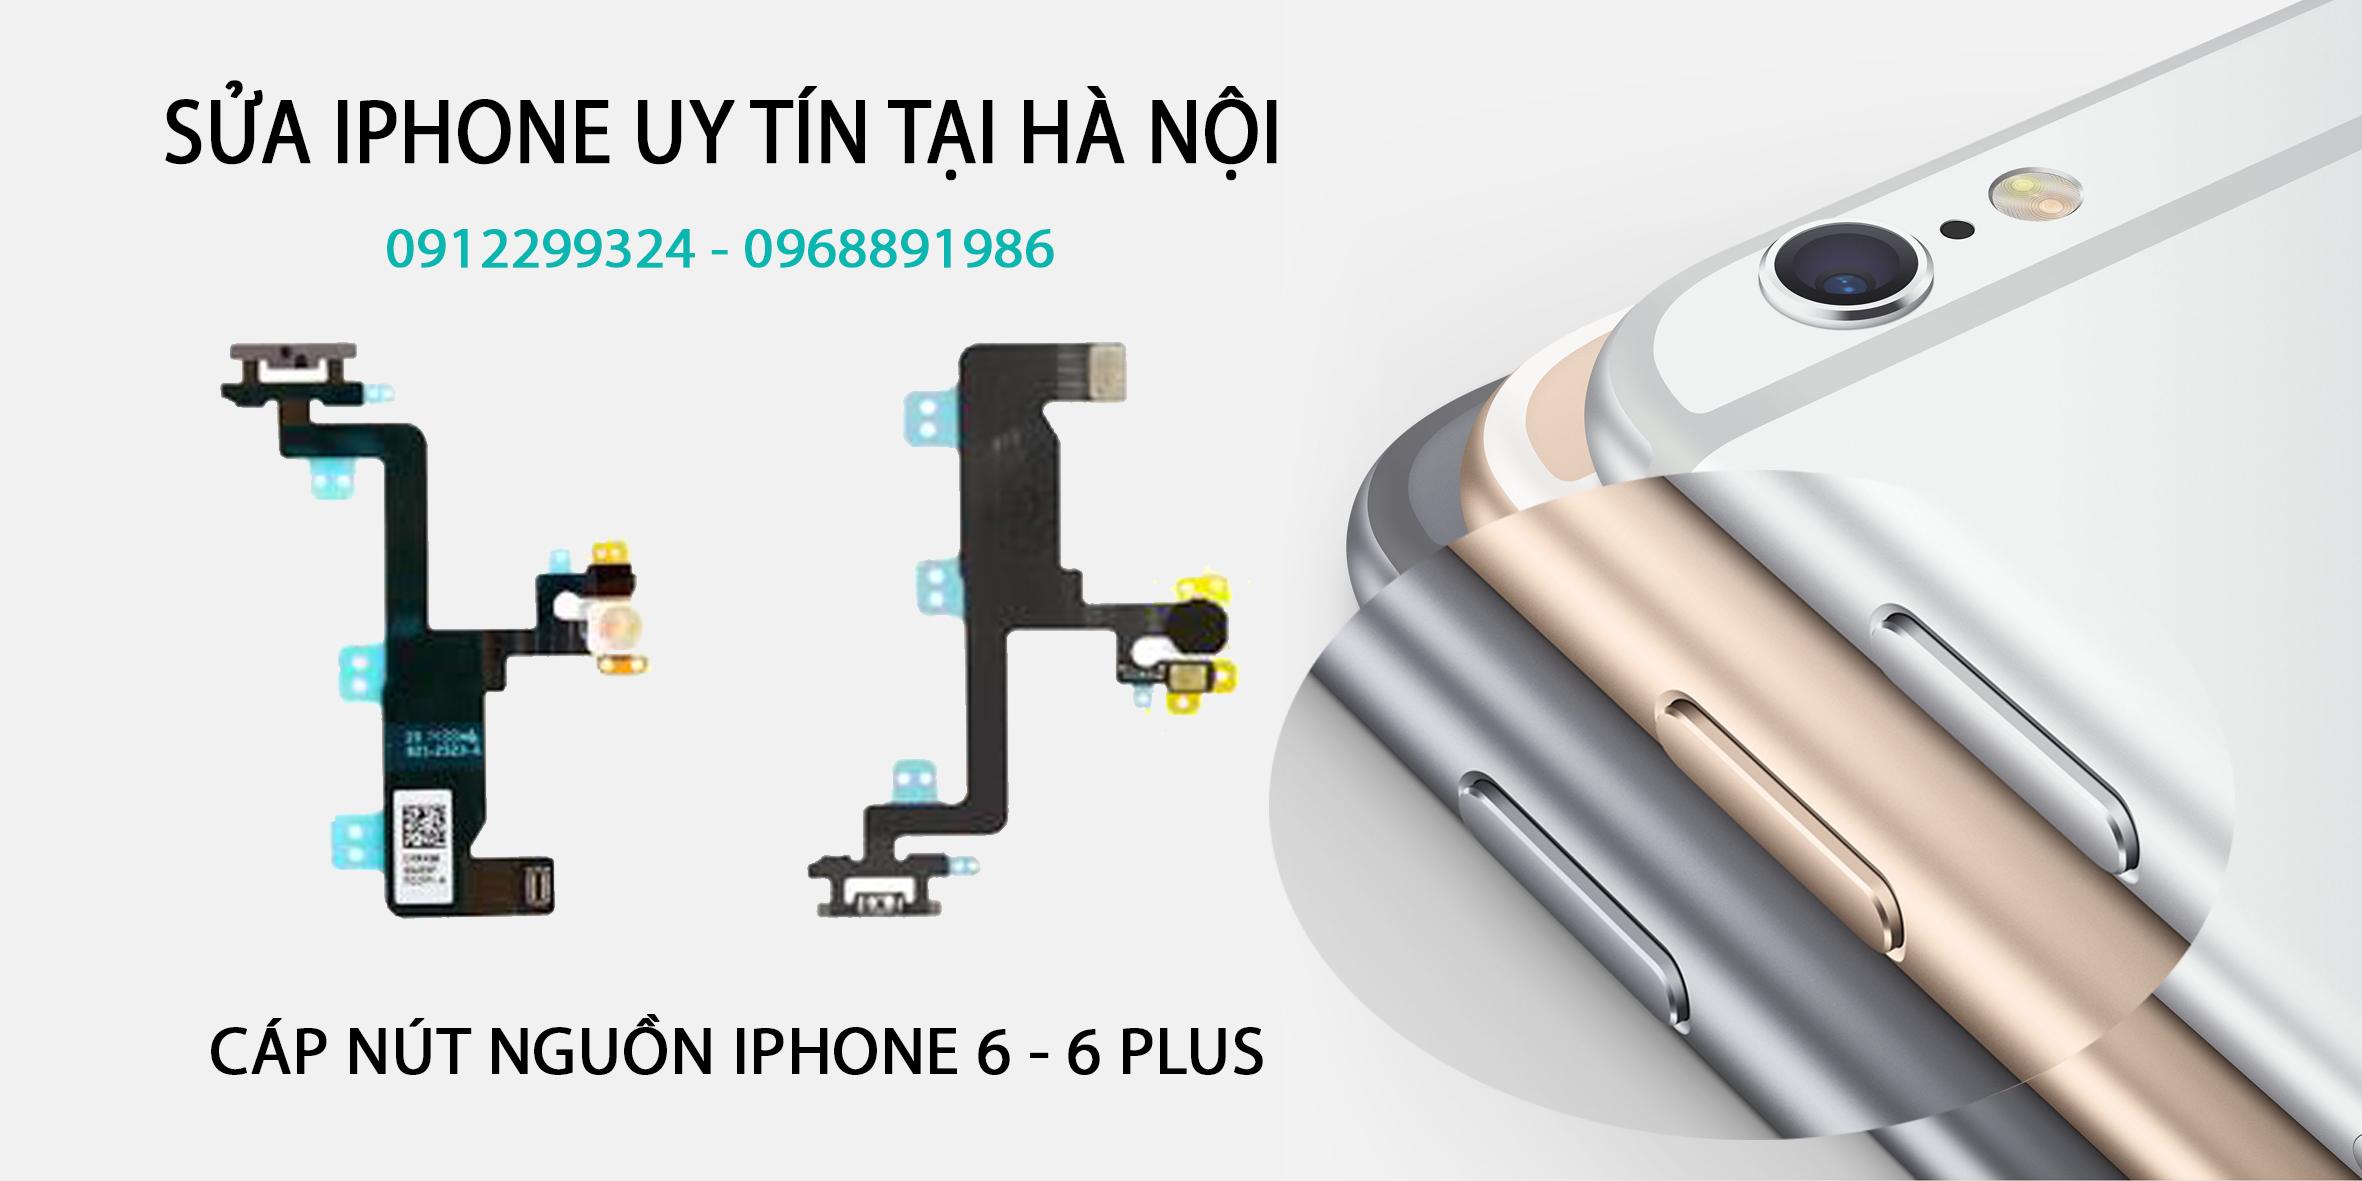 Sửa iphone 6 liệt nút nguồn giá bao nhiêu tiền? ở đâu uy tín?